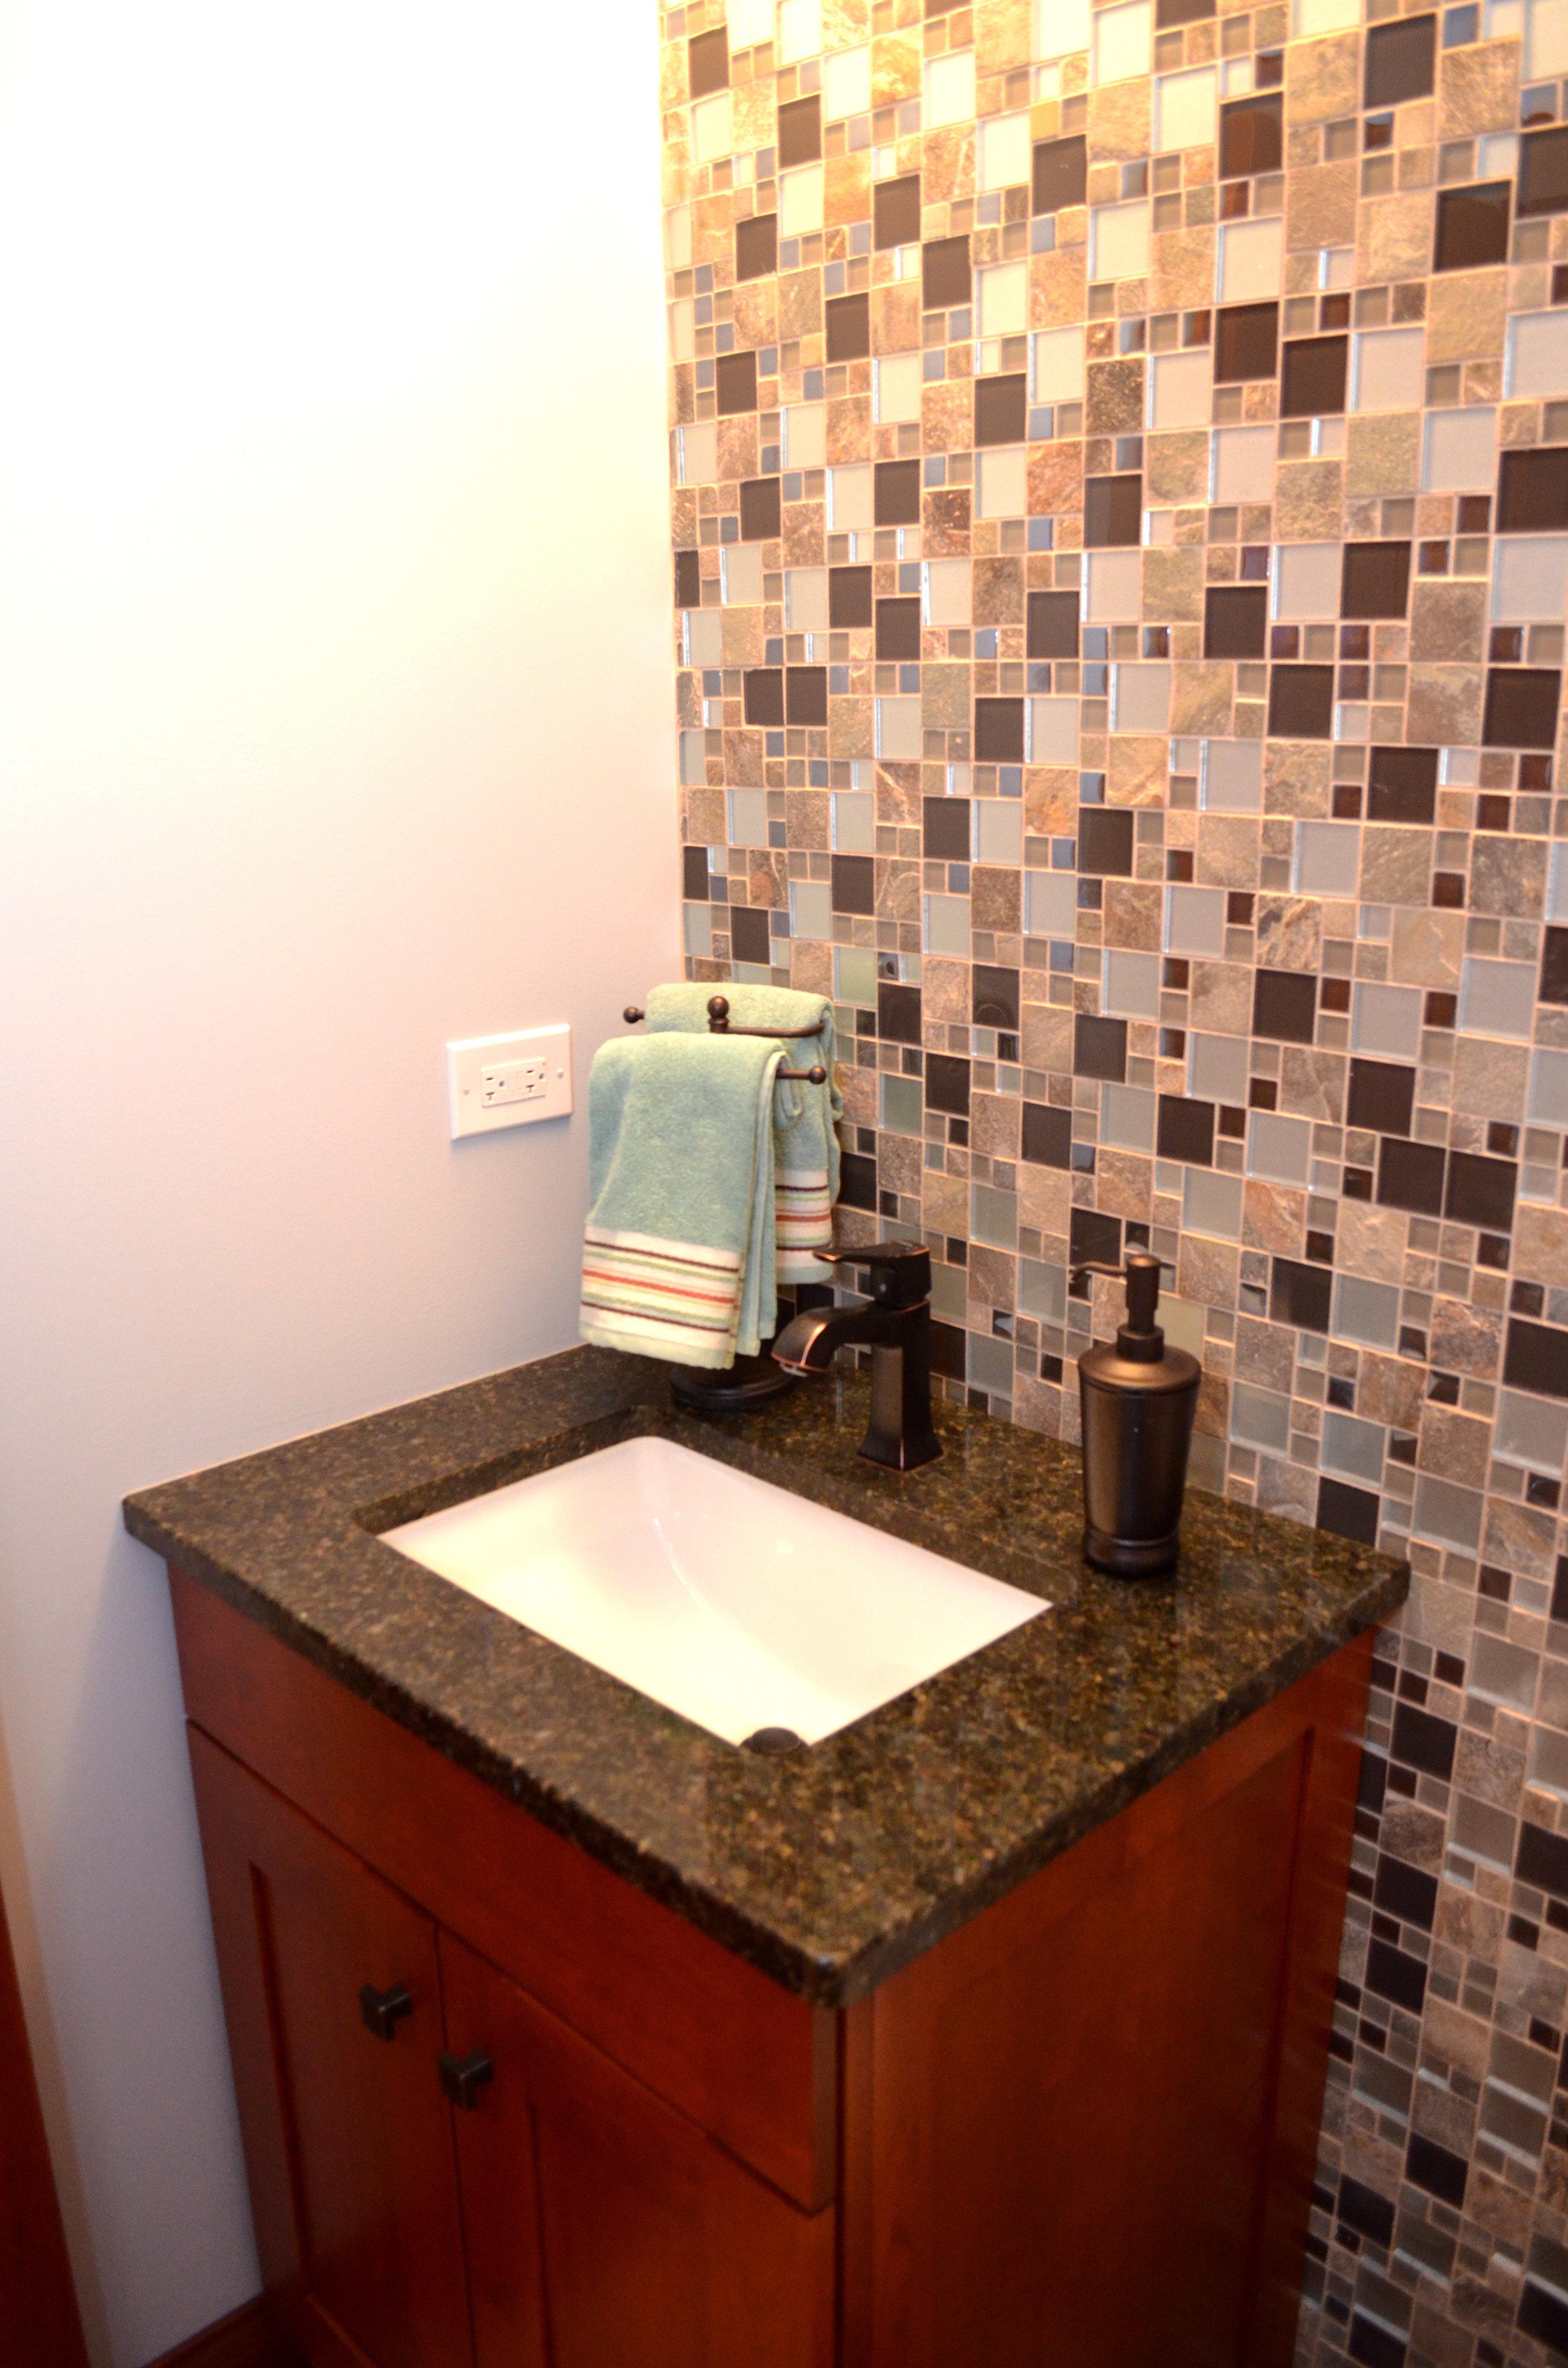 angle patterned tile.jpg